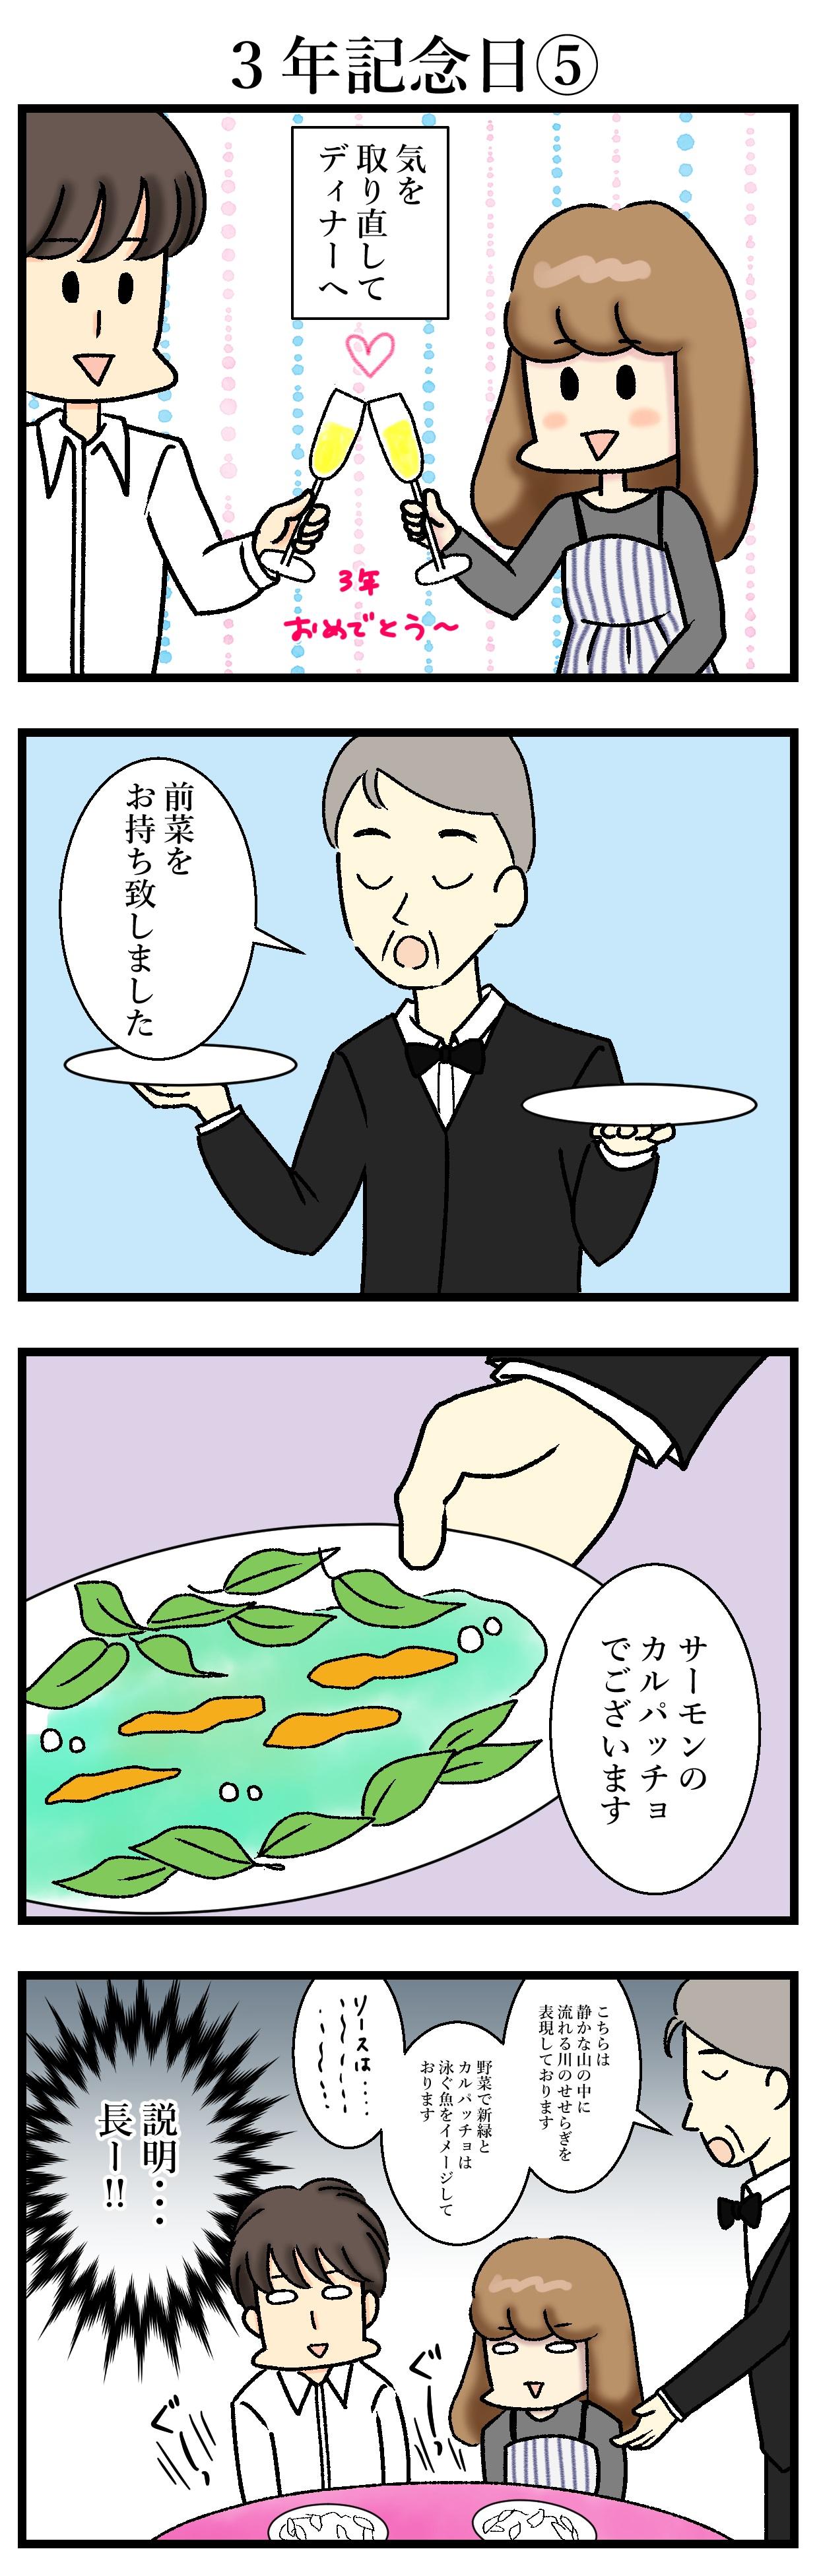 【エッセイ漫画】アラサー主婦くま子のふがいない日常(53)